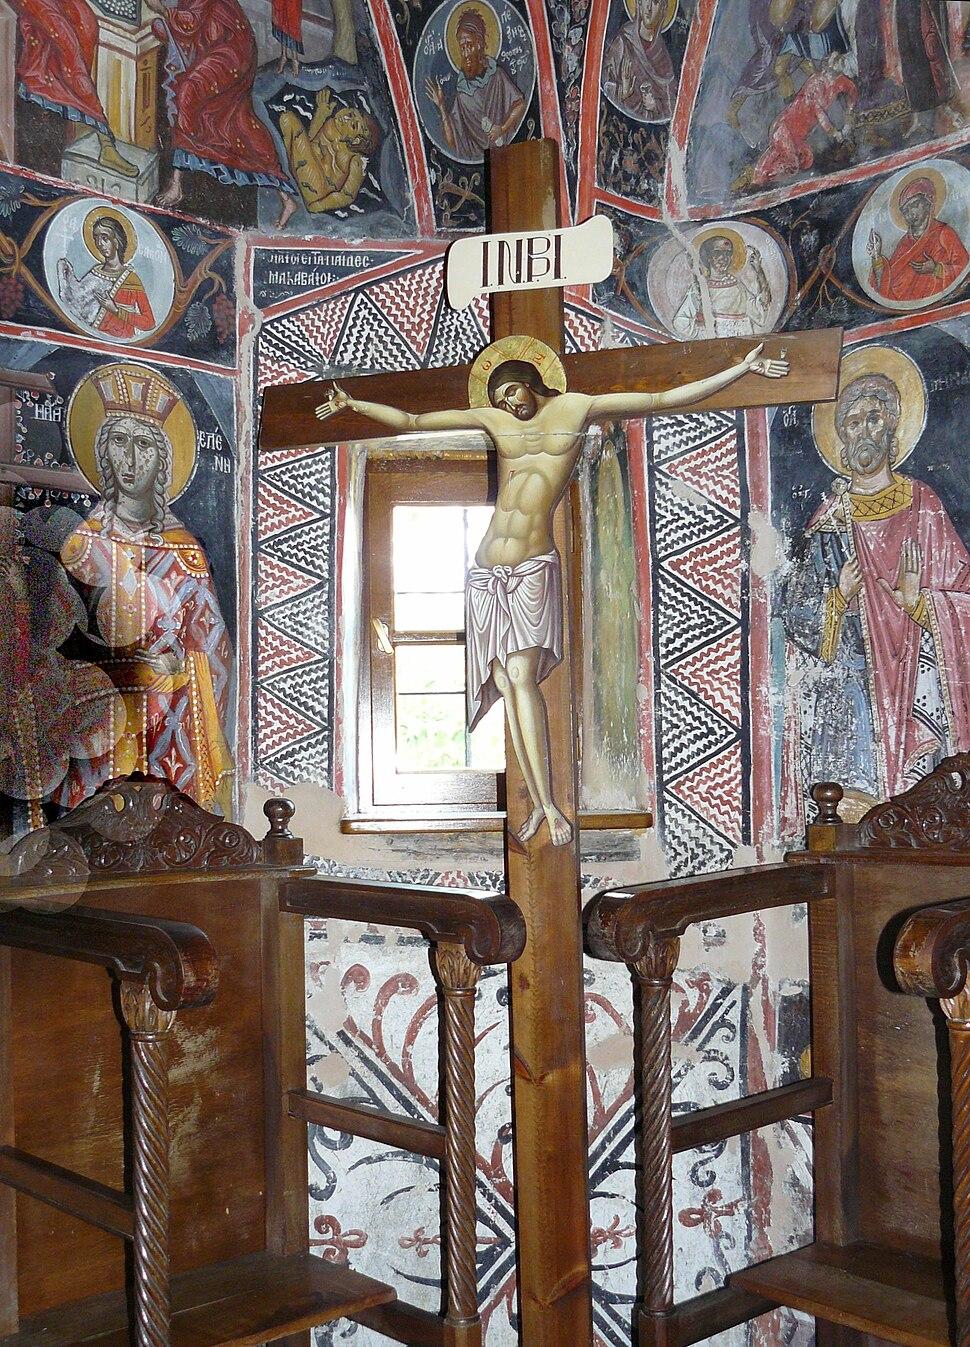 Agias Triados frescos cross